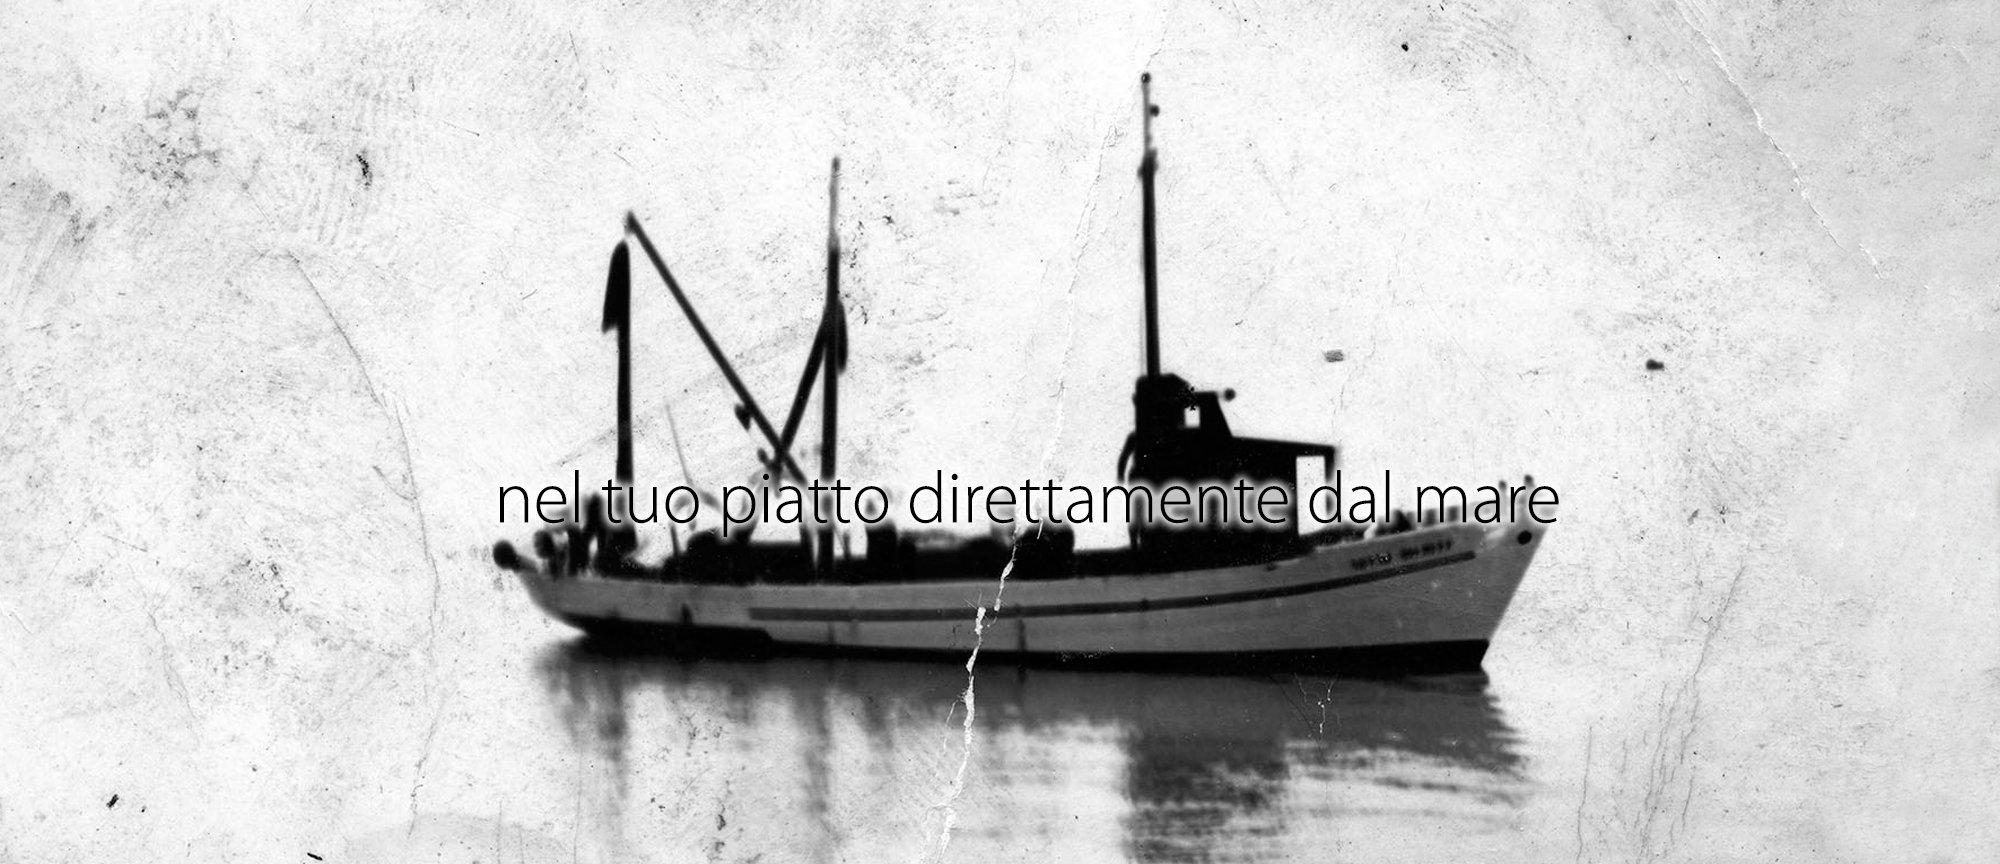 una barca e la scritta nel tuo piatto direttamente dal mare